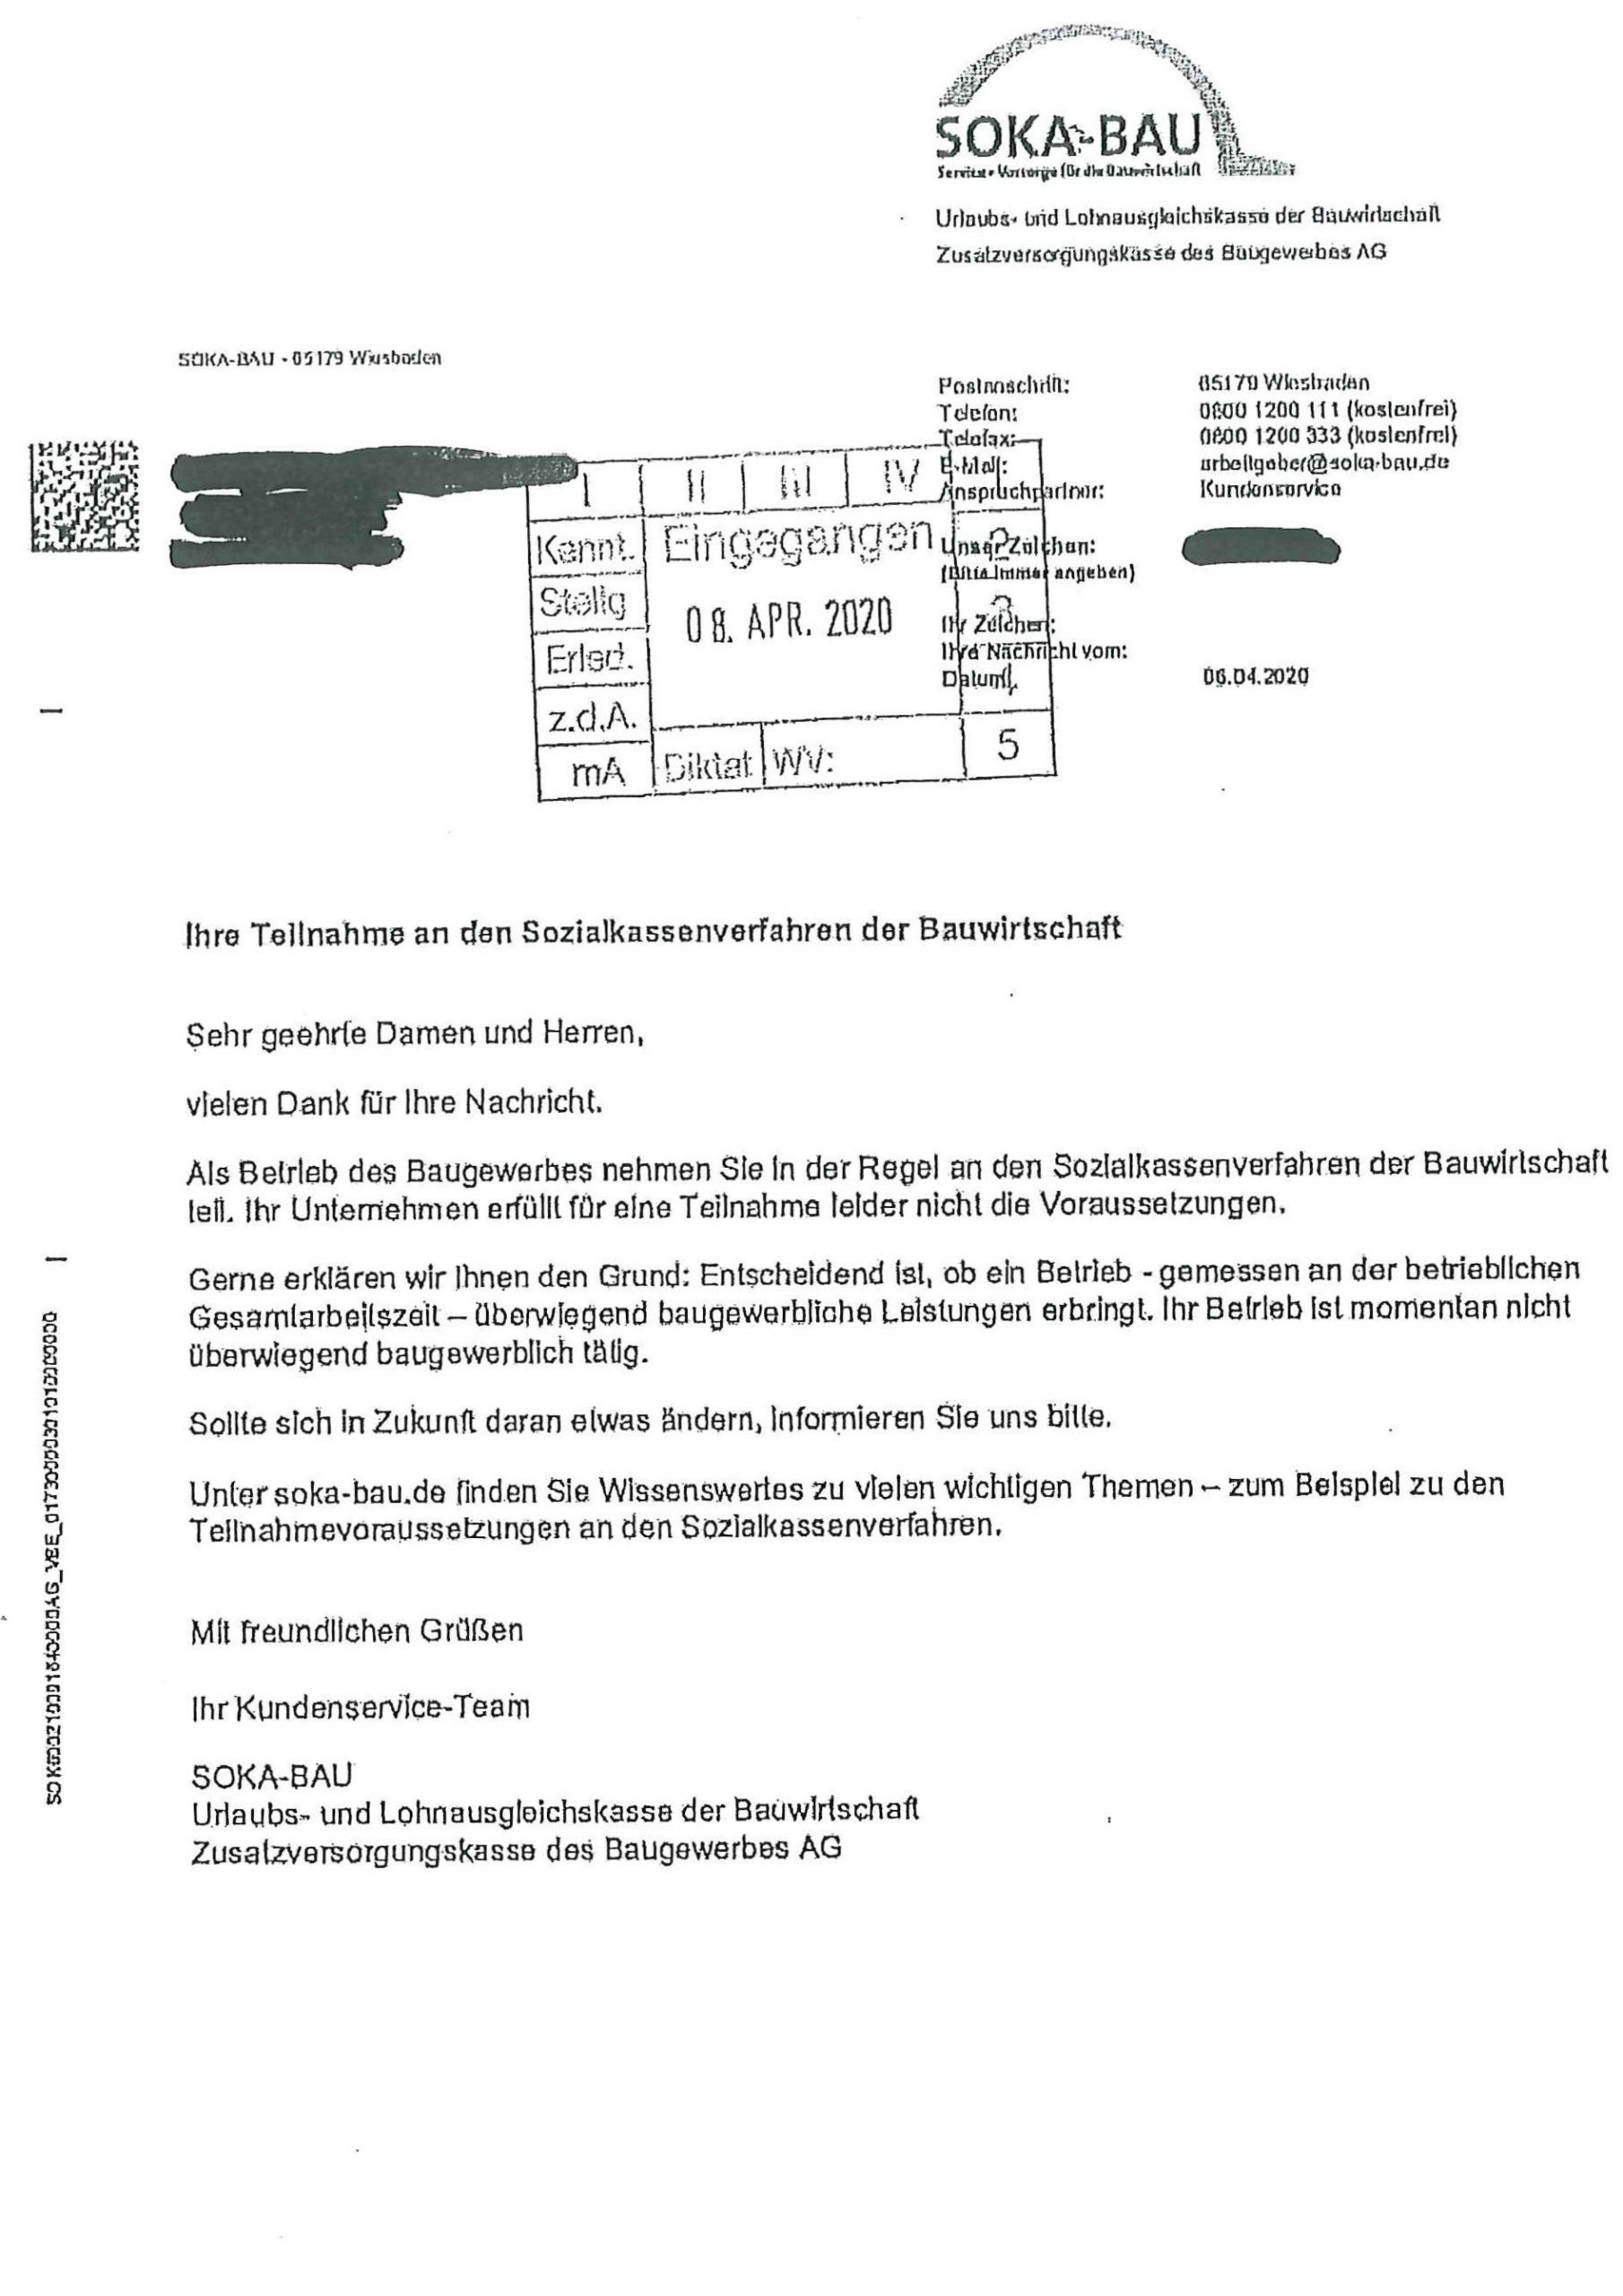 """SOKA Bau Pflicht """"leider"""" nicht erfüllt: Dieses Schreiben der SOKA Bau möchten Sie auch gerne erhalten"""